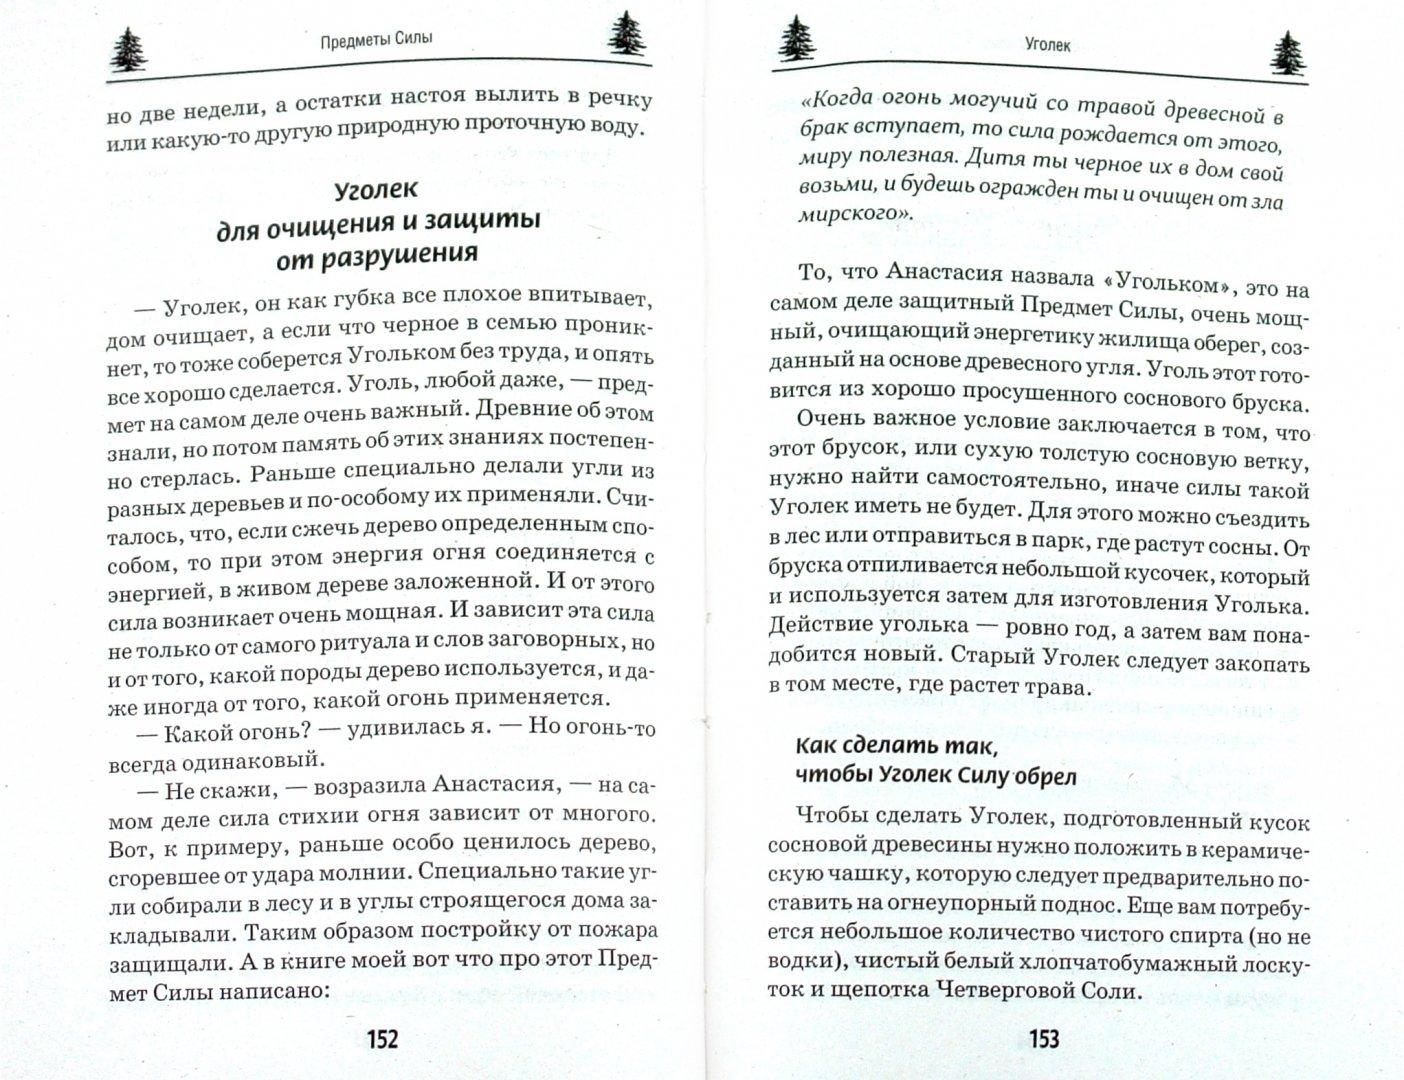 Иллюстрация 1 из 5 для Анастасия. Предметы могущества, удачи и процветания - Мария Игнатова | Лабиринт - книги. Источник: Лабиринт